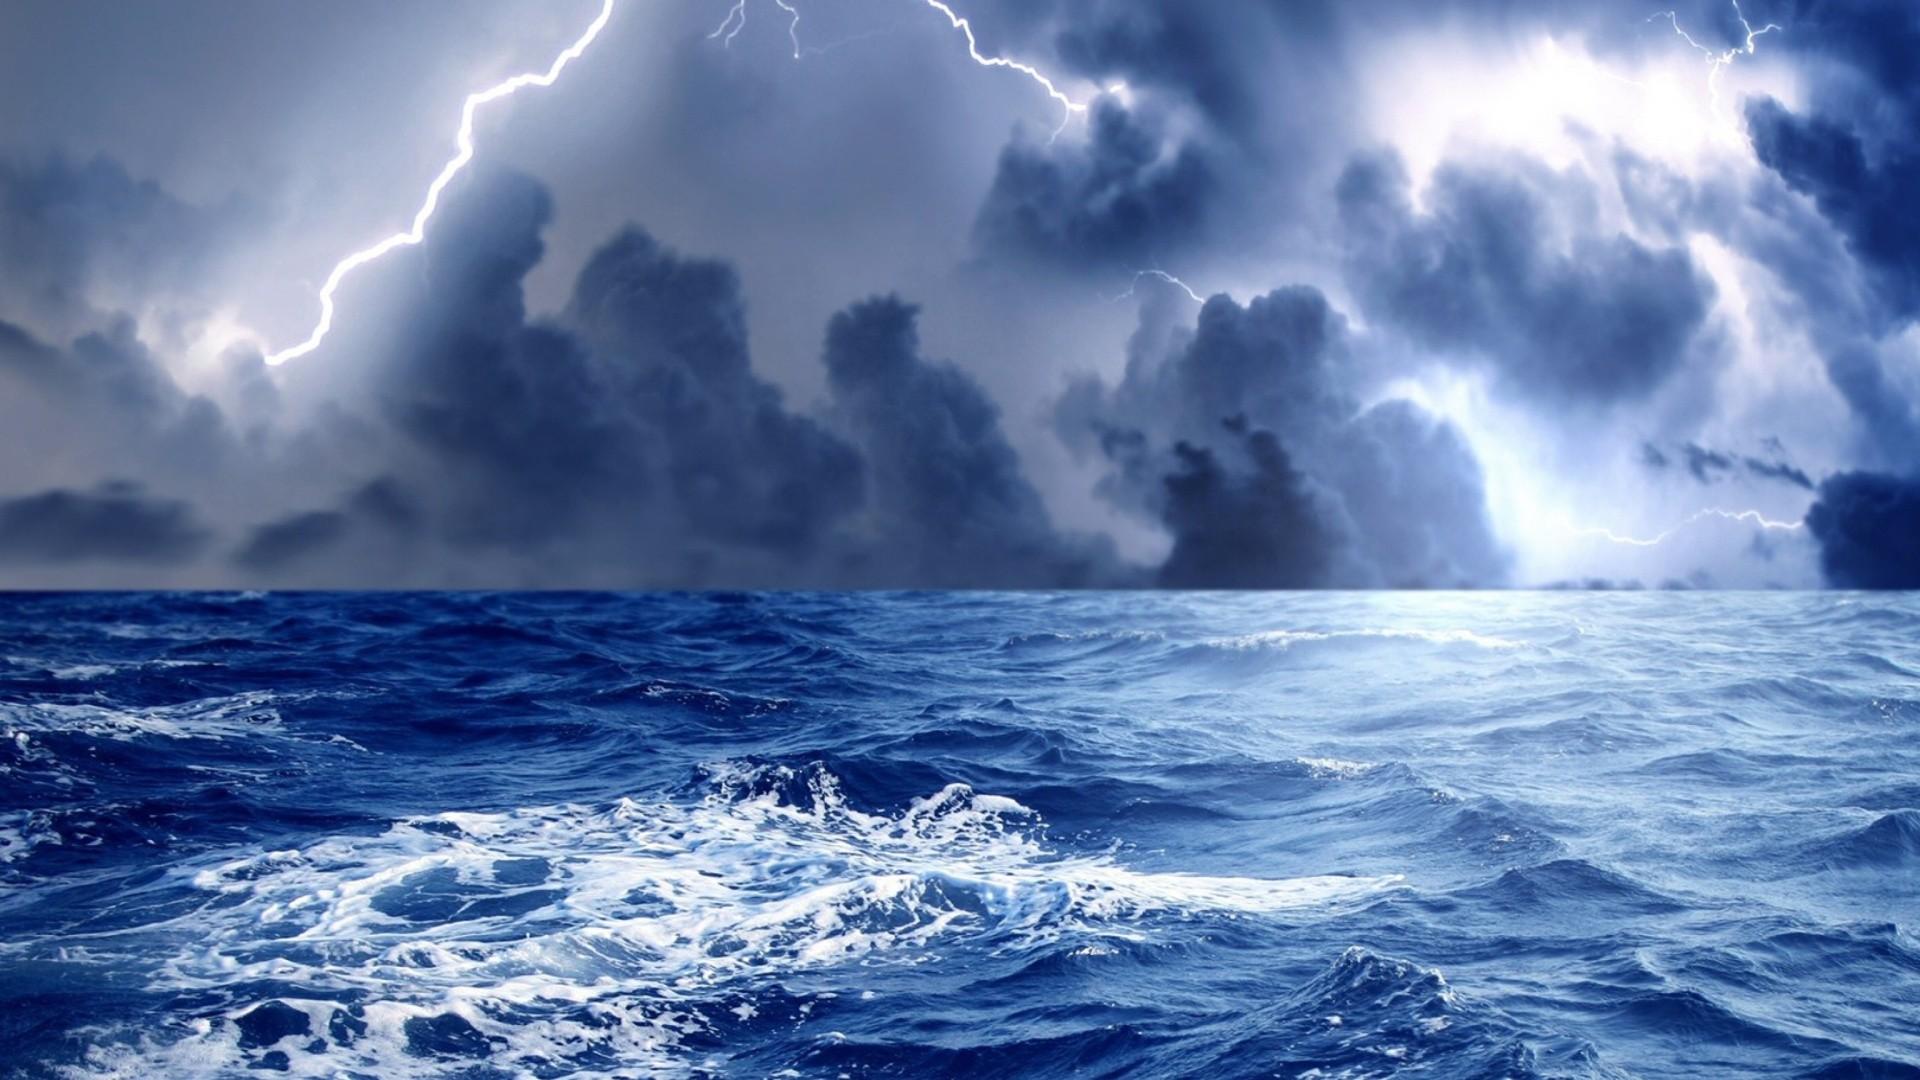 Storm Lightning free Screensaver wallpaper